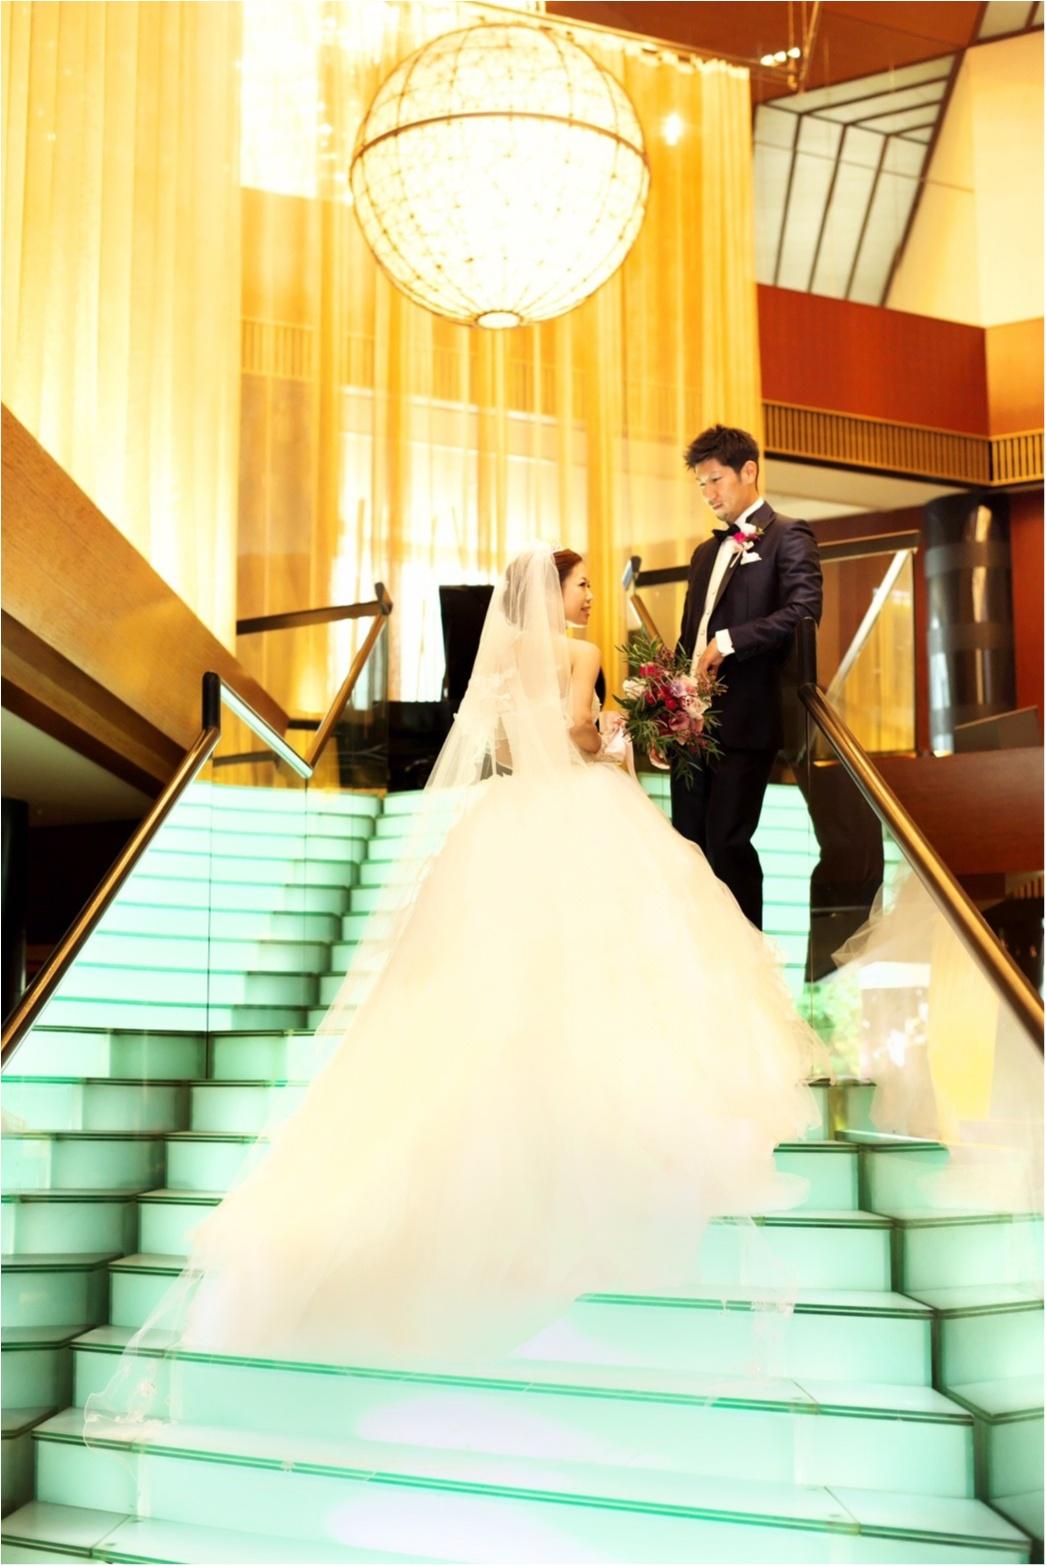 【結婚式のカメラ事情】外注カメラ!東京ウェディングスタイルさんにお願いしました!_12